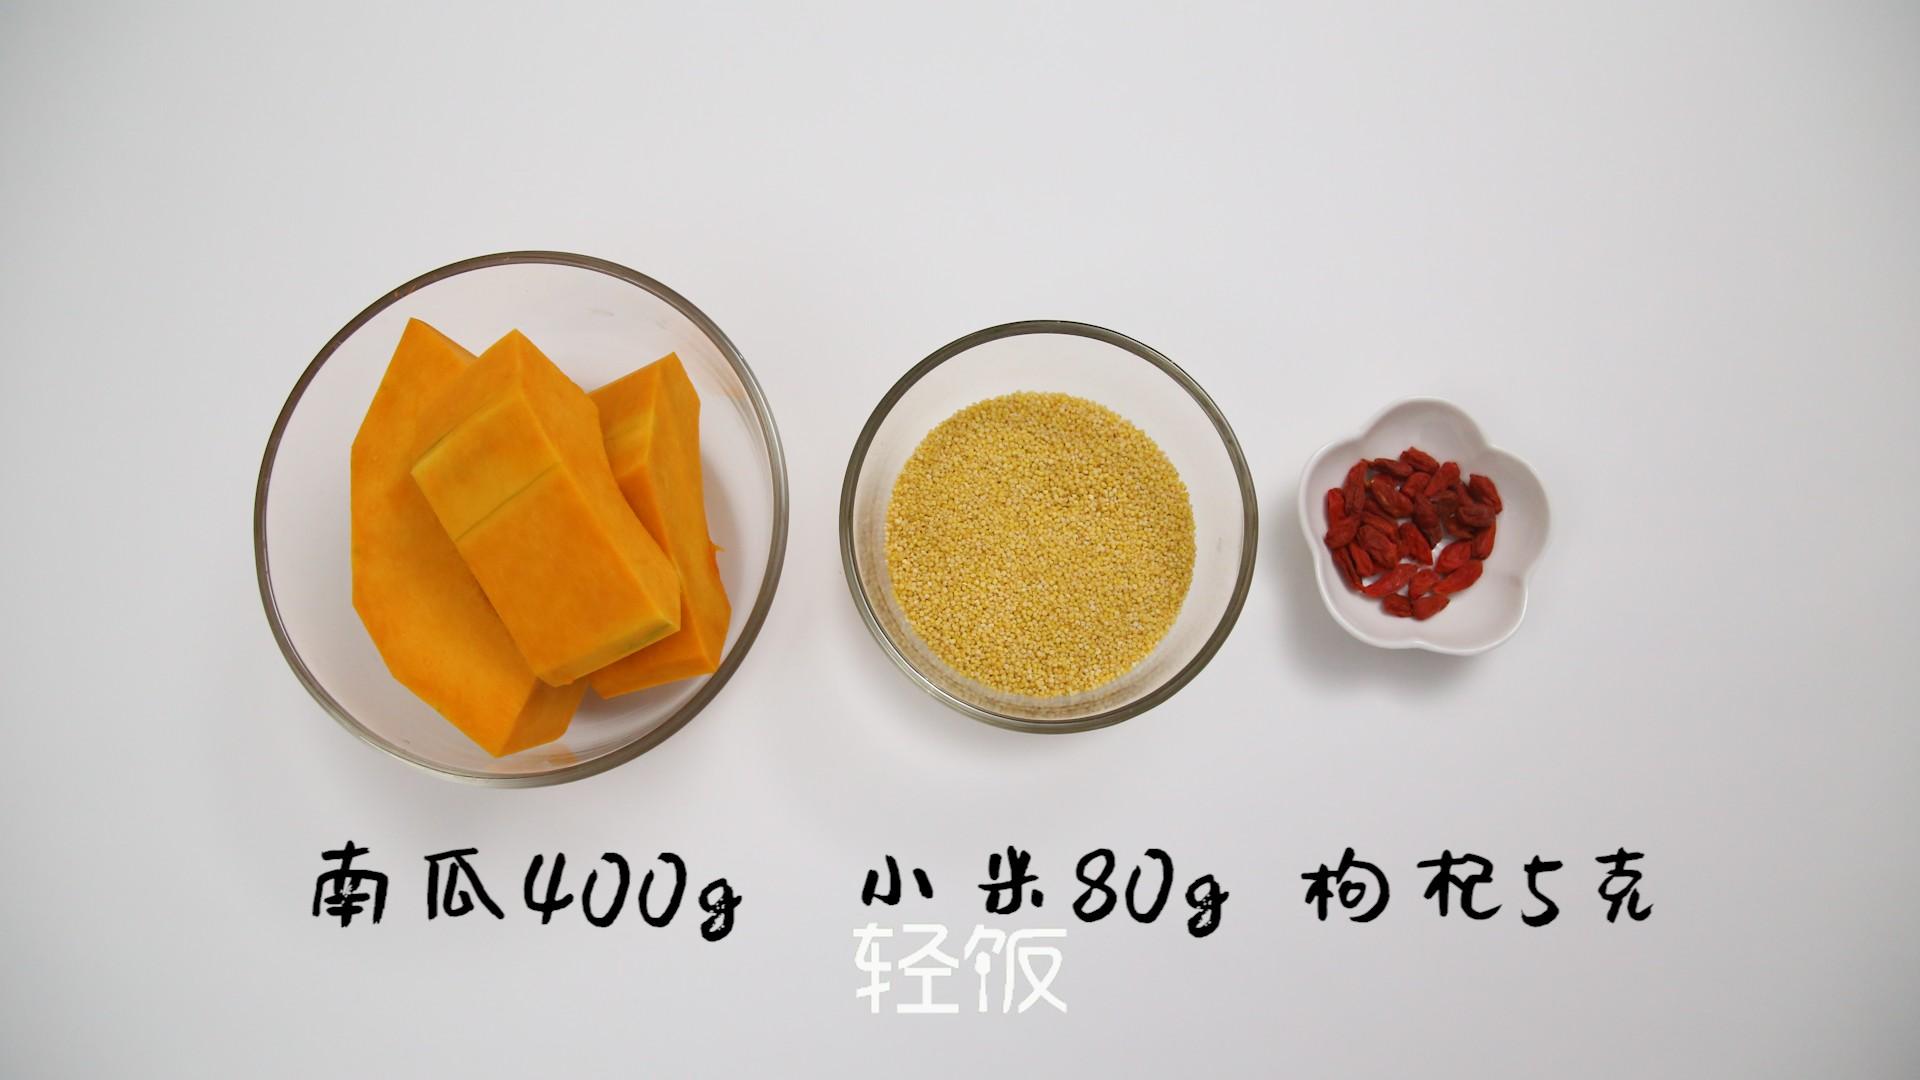 南瓜粥小米粥丨轻松搞定,好喝还养胃!的做法大全